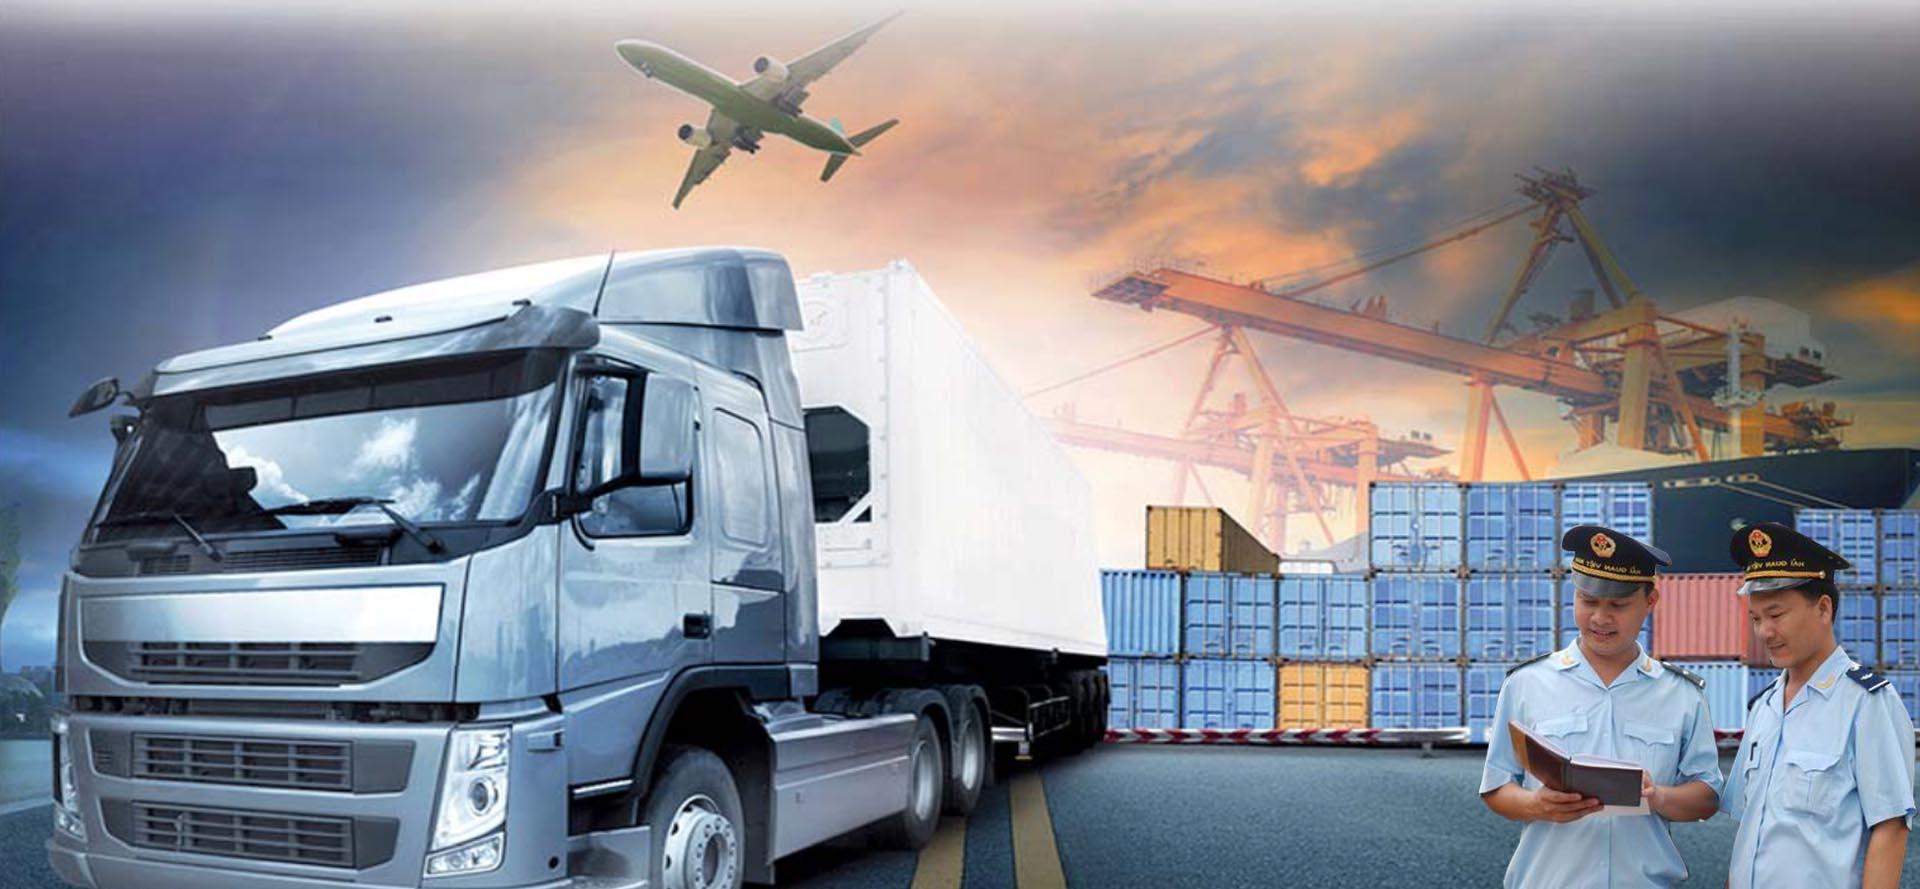 Dịch vụ thủ tục hải quan uy tín, hiệu quả từ Peace Logistics